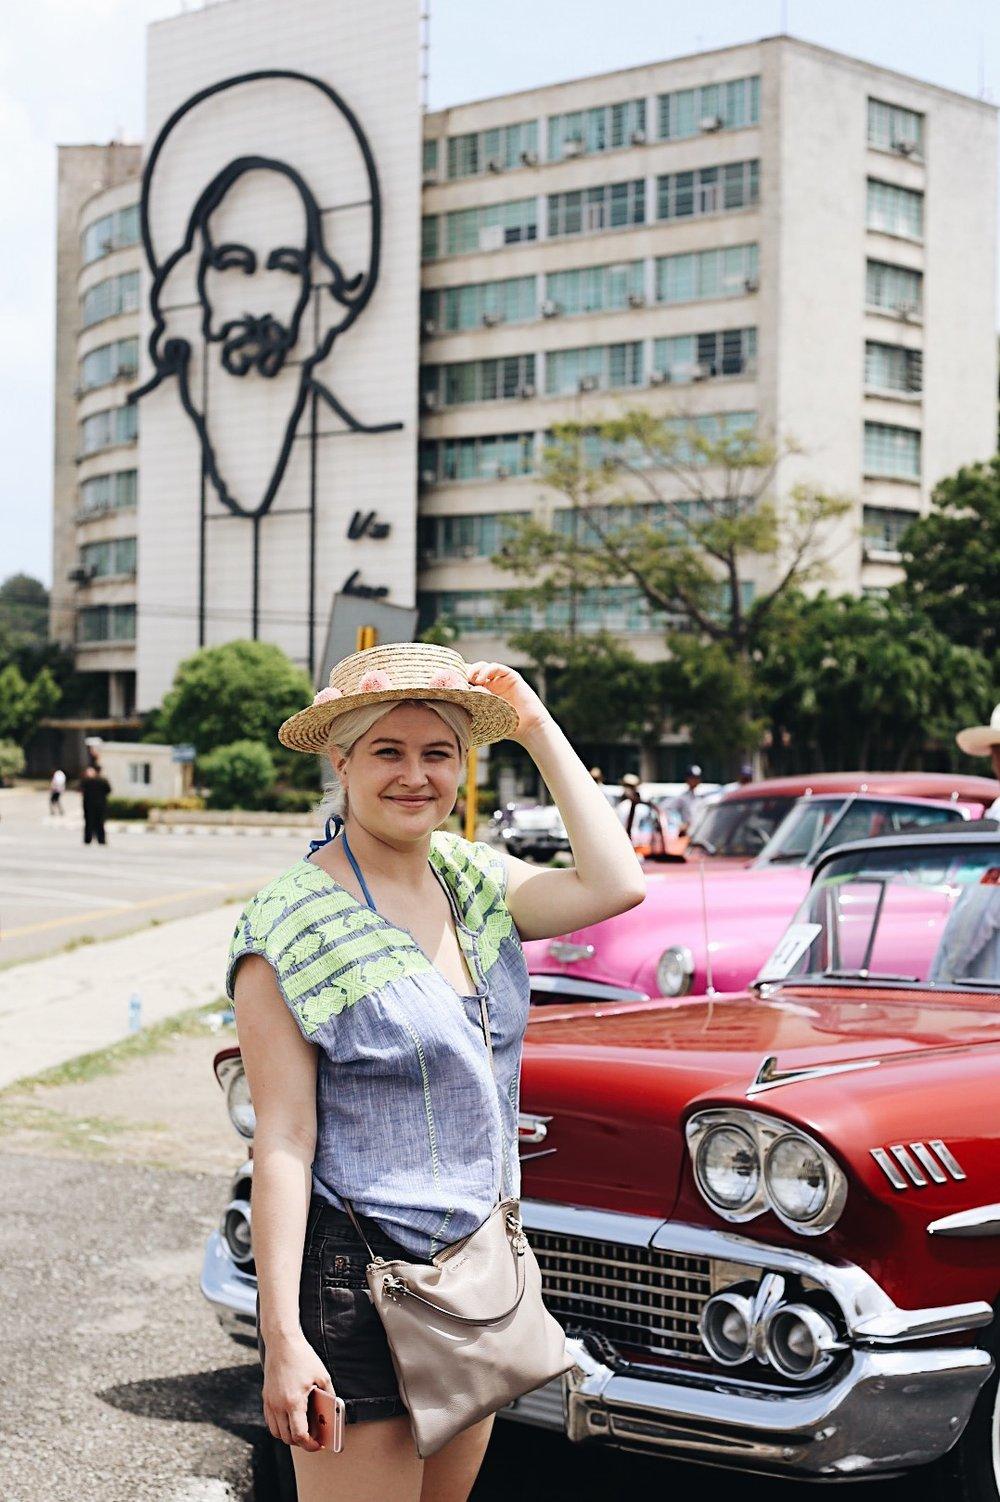 Cuba, May 2017